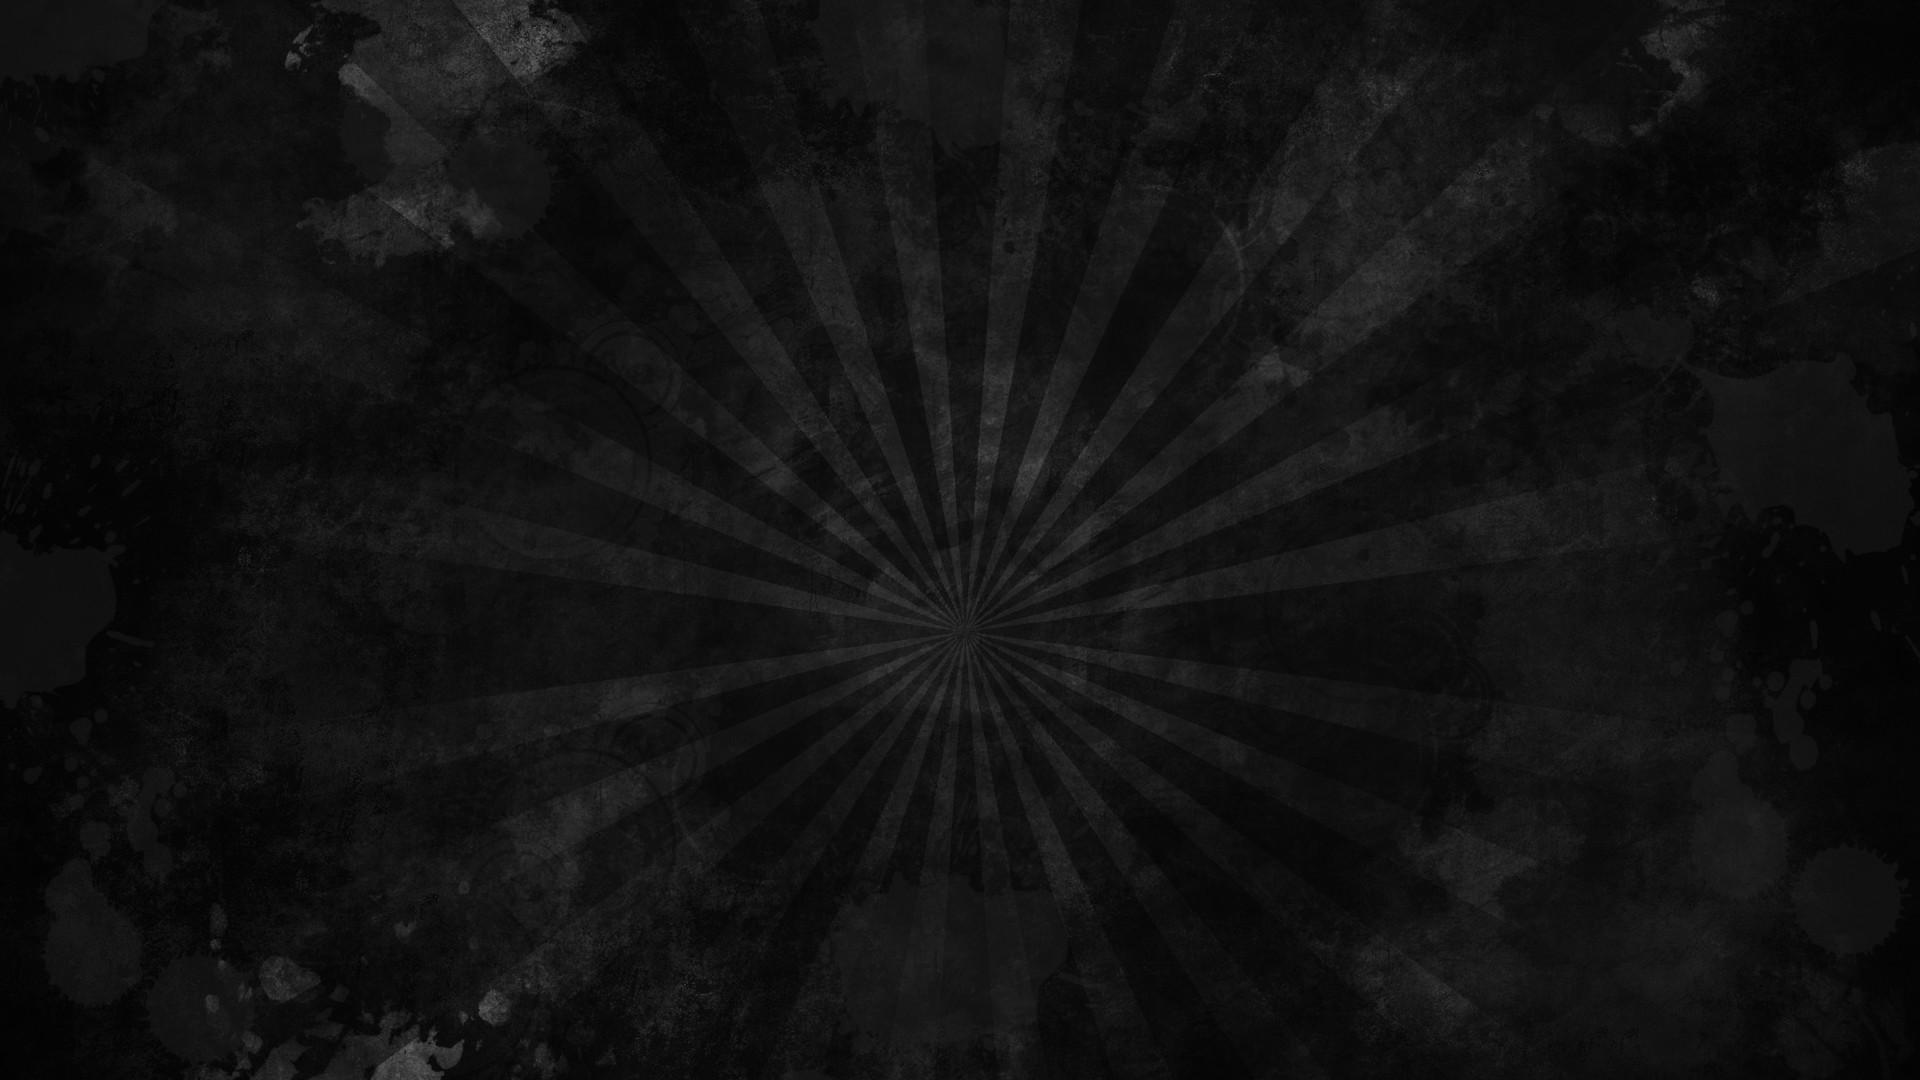 Abstract, Black, Wallpapers, Wallpaper, Grunge fond ecran hd